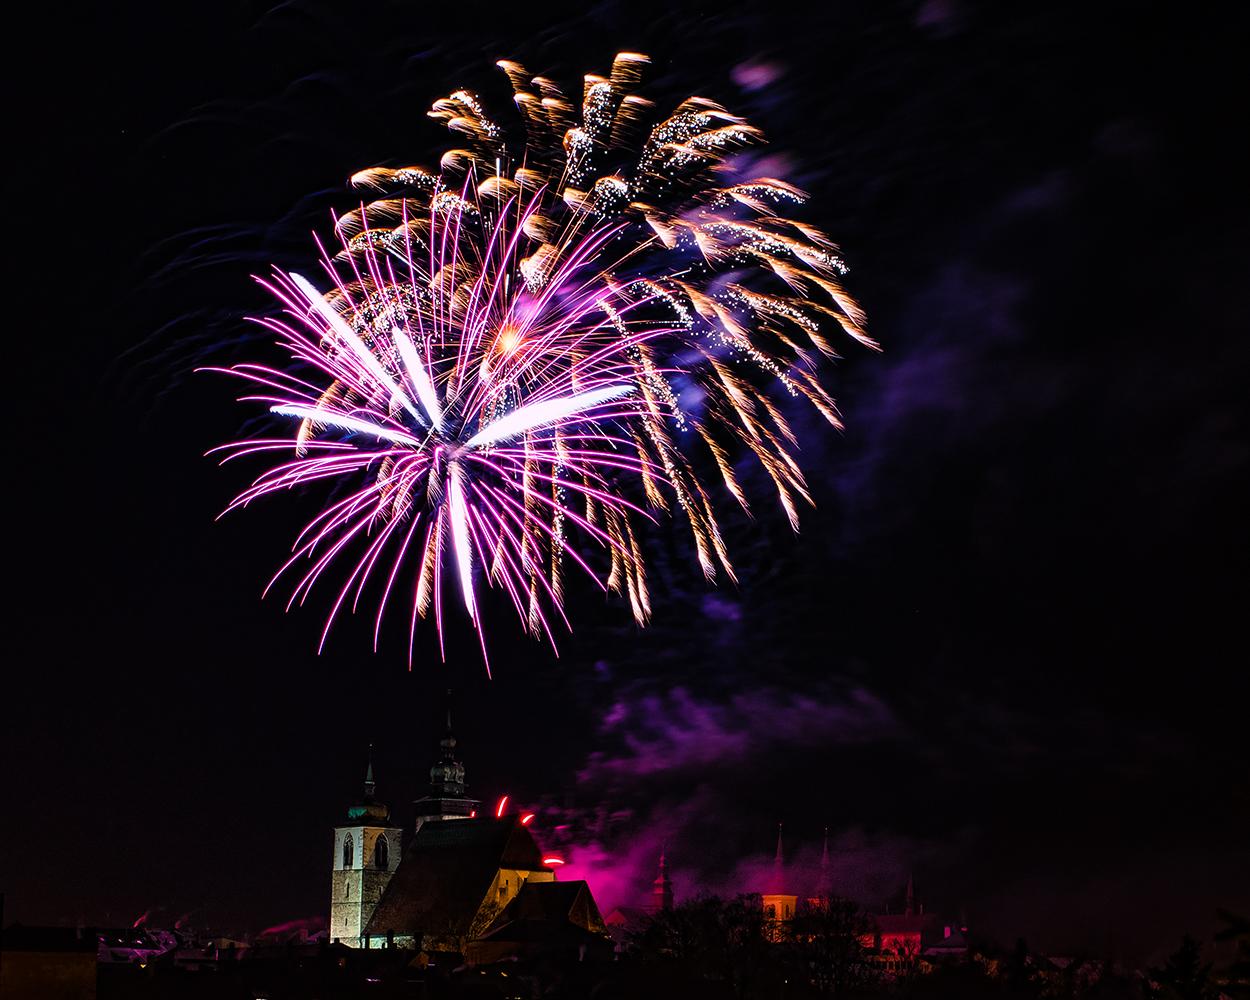 novoroční ohňostroj v Jihlavě od Jan Stojan Photography ©